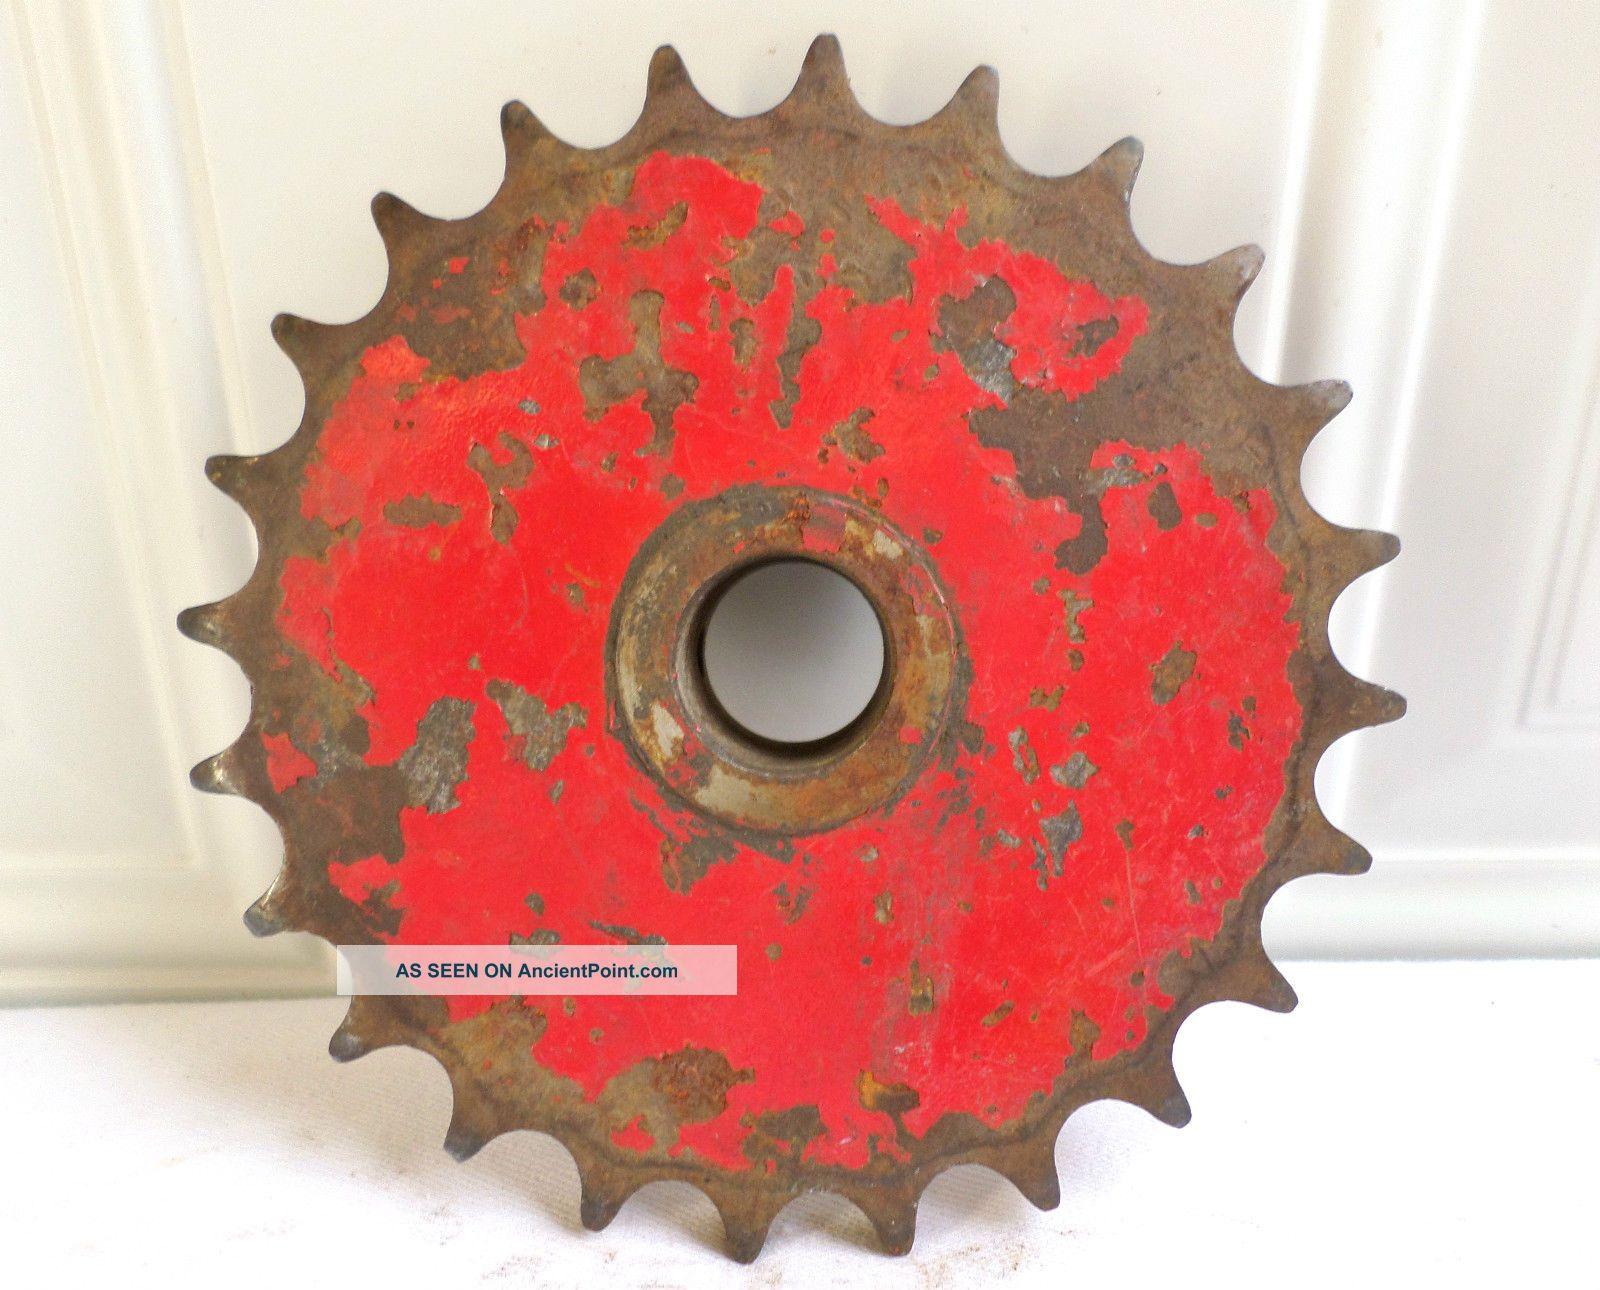 Antique Vintage Metal Industrial Gear Sprocket Cog Machine Age Garden Art Other photo